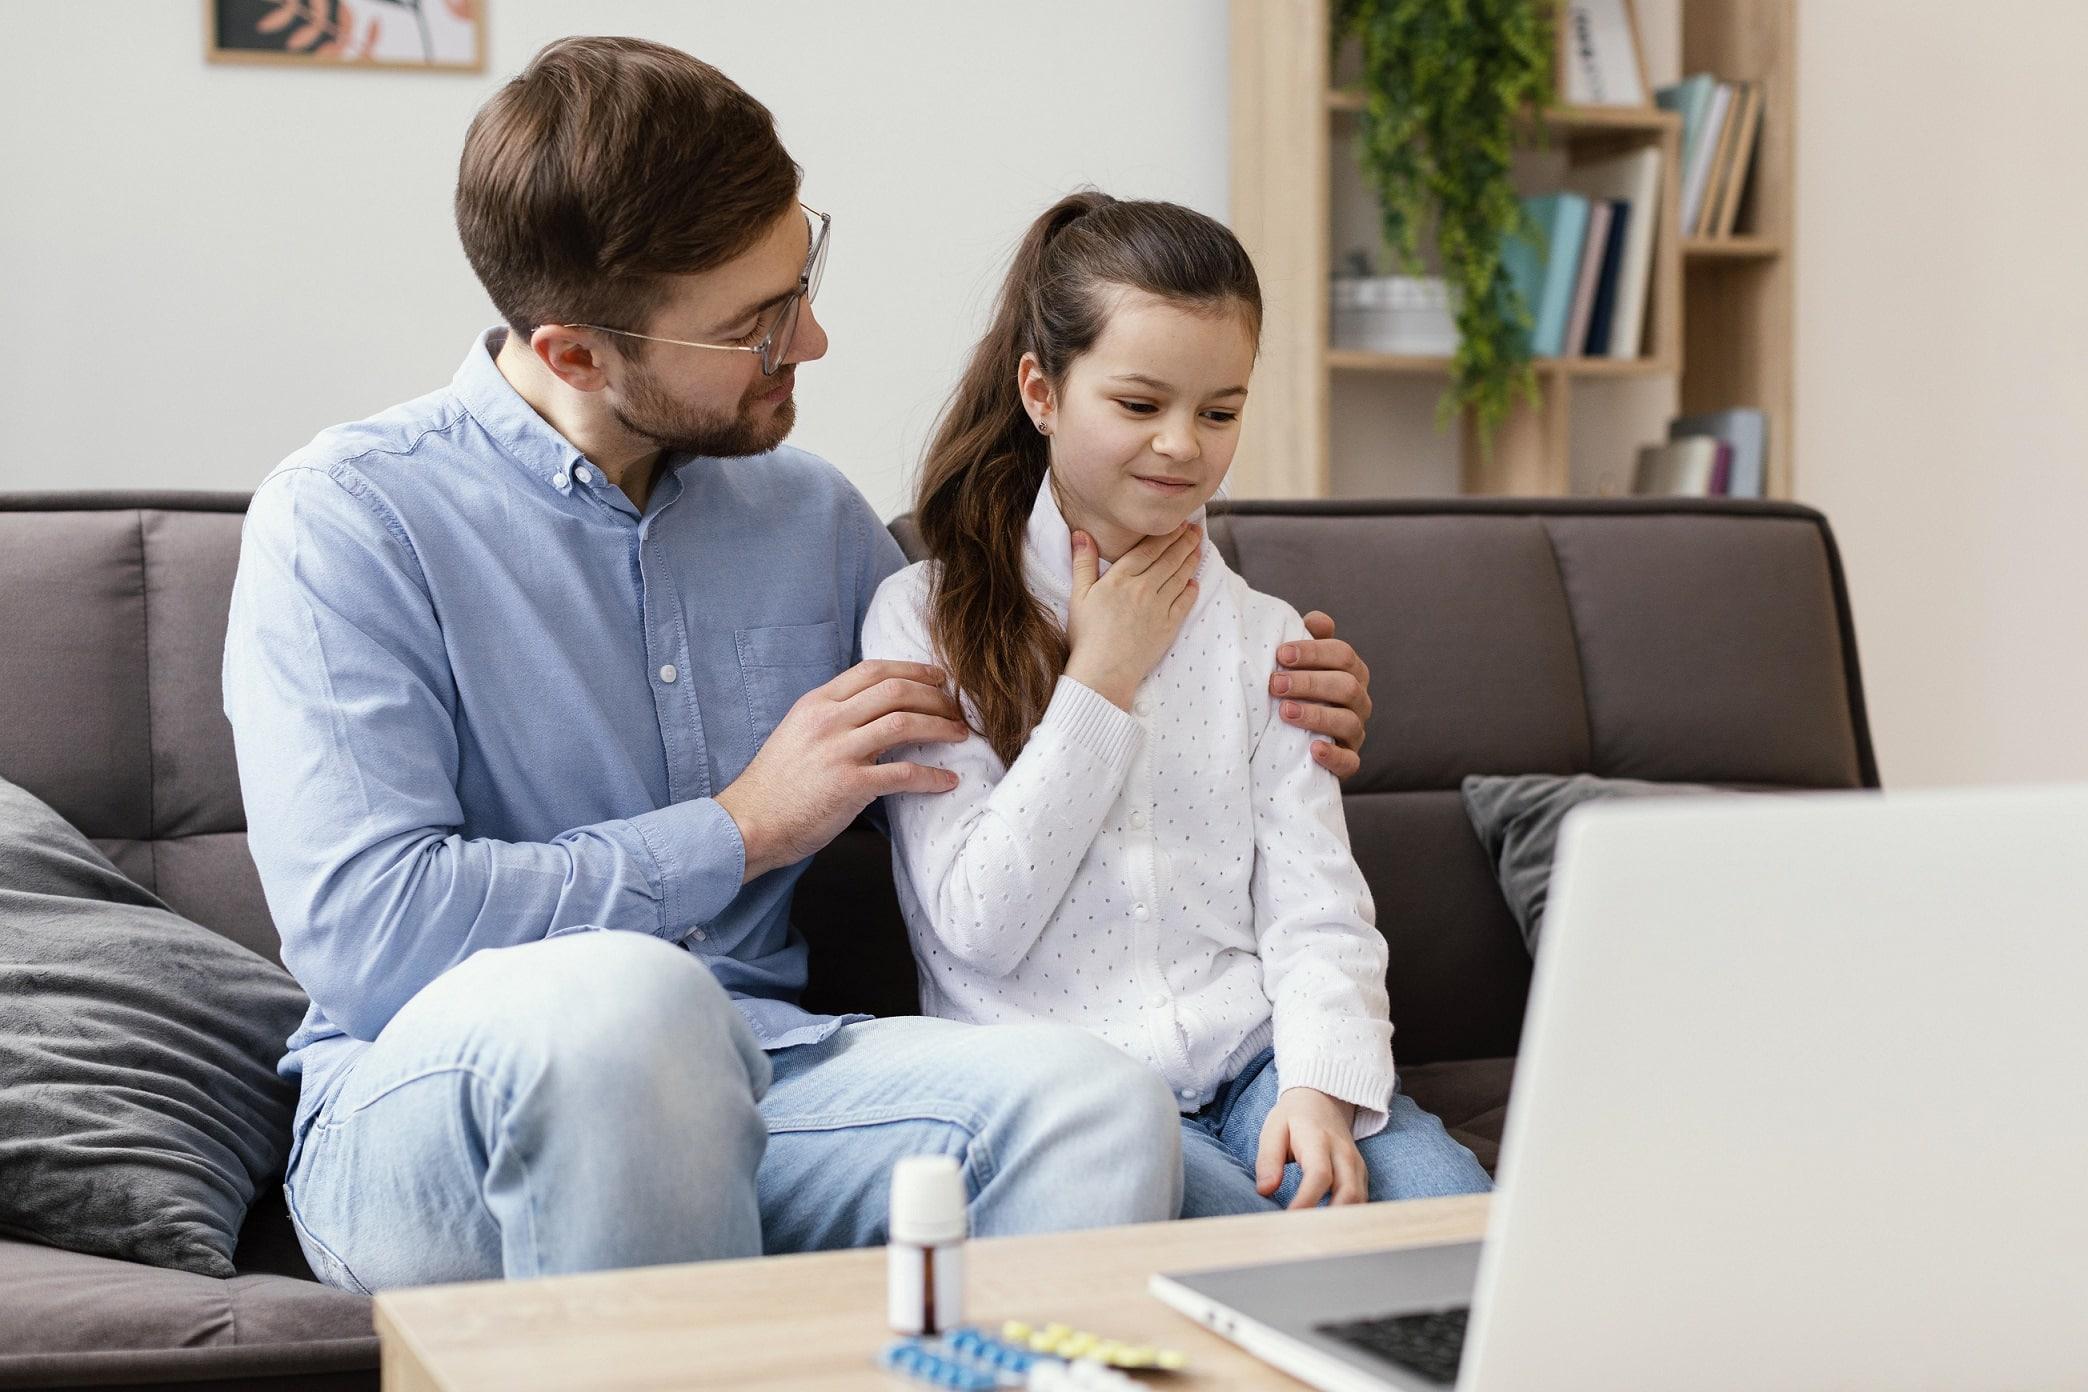 O czym może świadczyć chrypka u dziecka? Domowe sposoby na chrypkę u dzieci